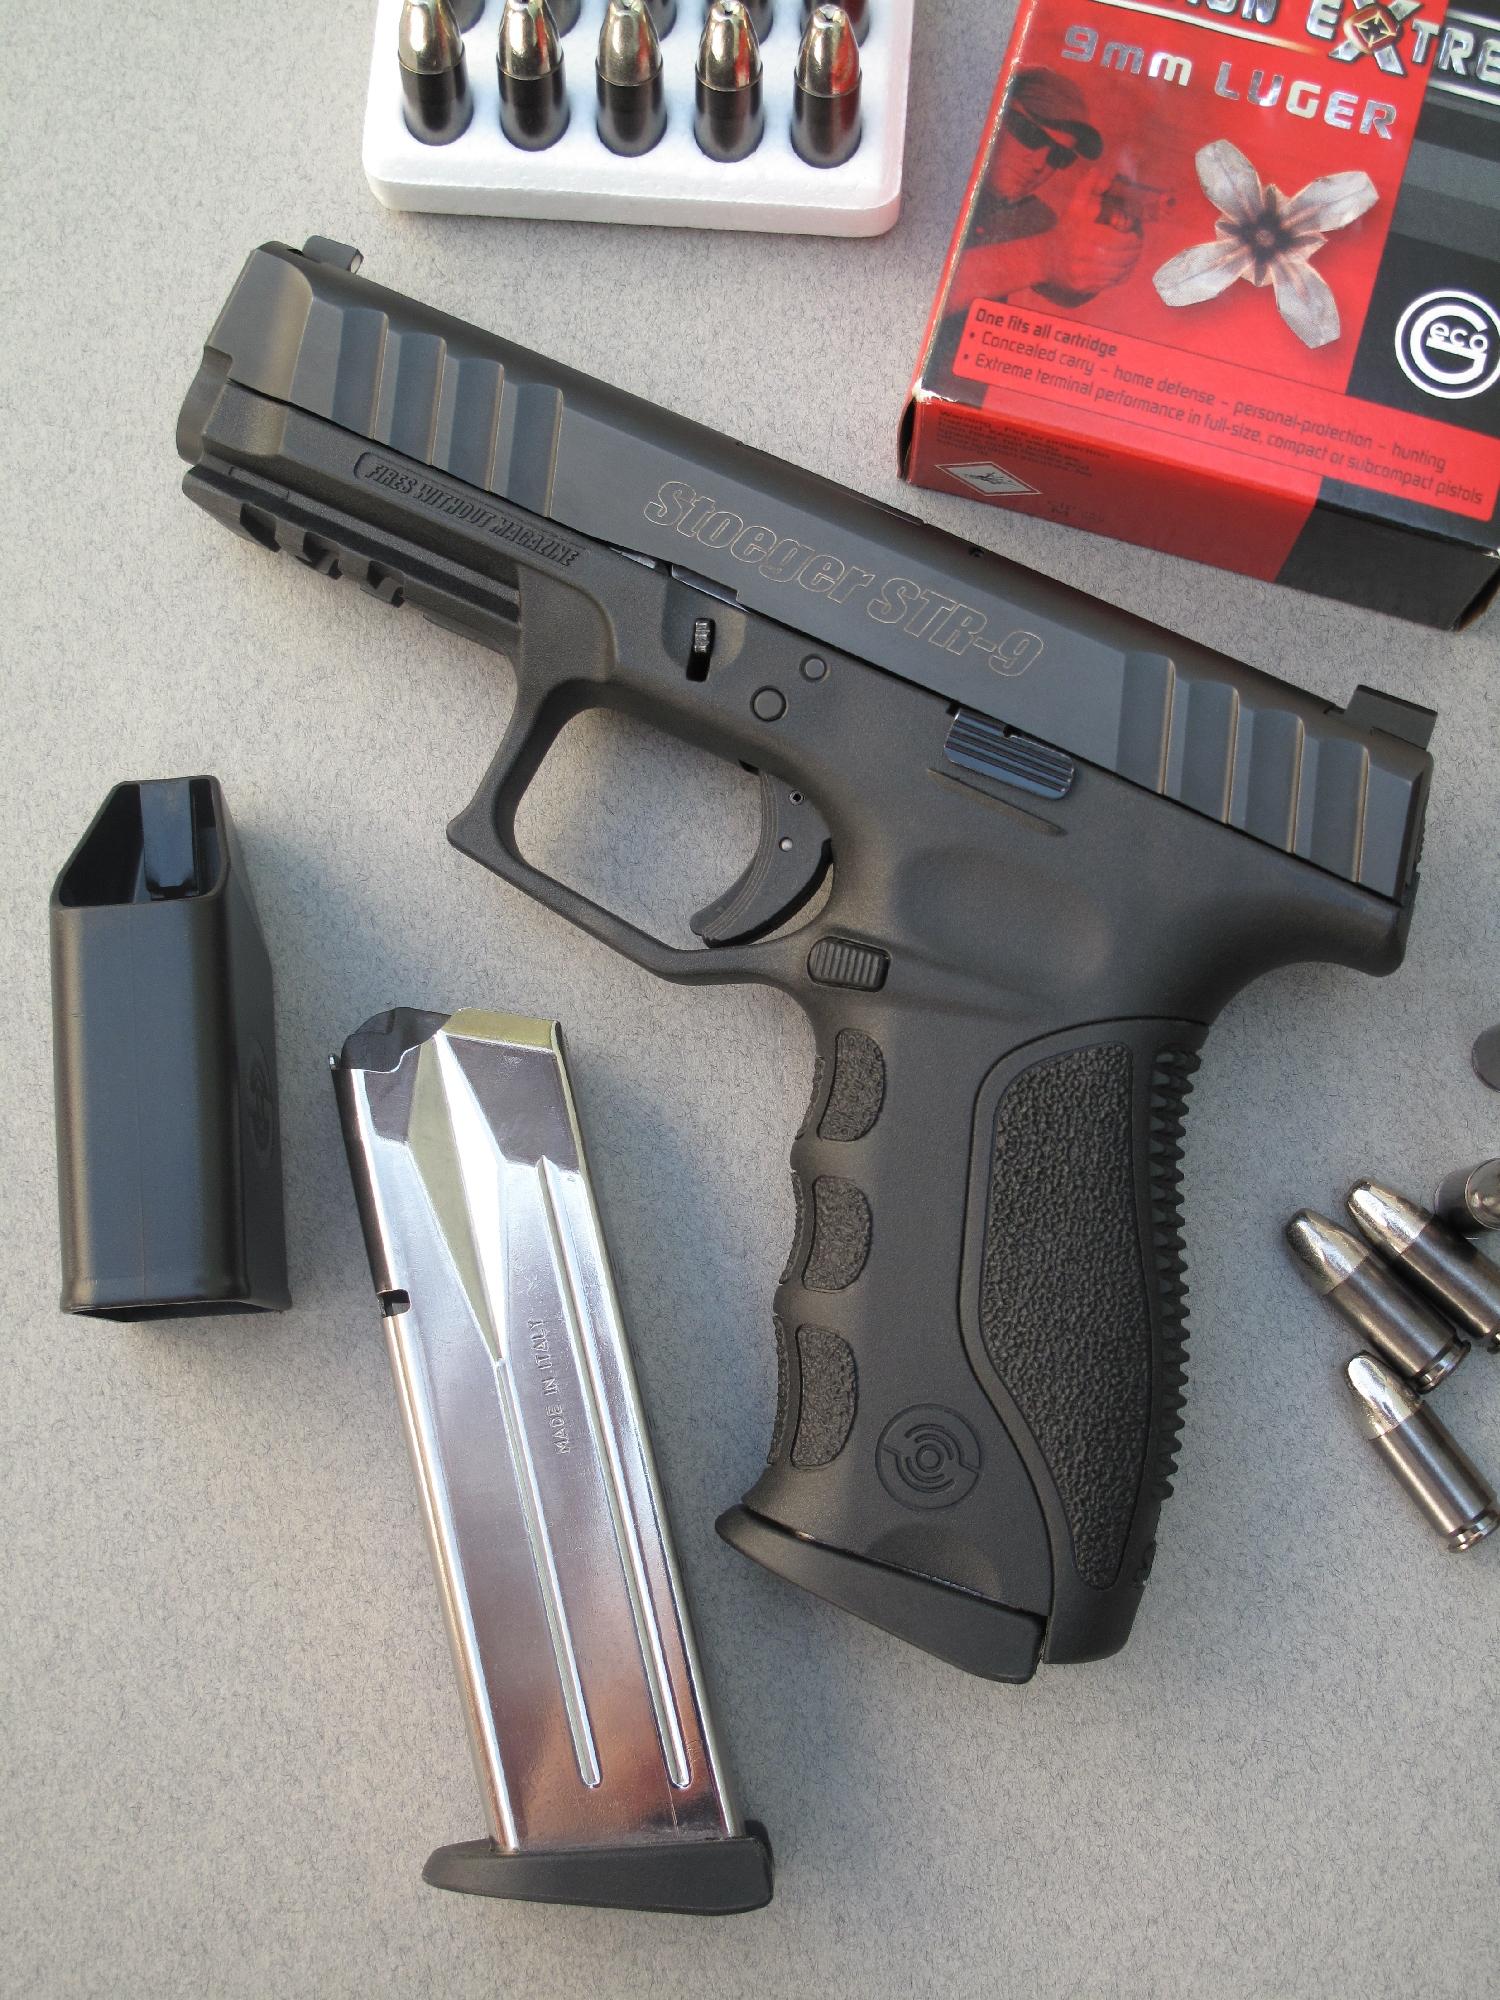 Le pistolet Stoeger STR9, accompagné par son chargeur de rechange et par une boîte de munitions à balle expansive « Action Extreme » manufacturée par la firme allemande Geco.